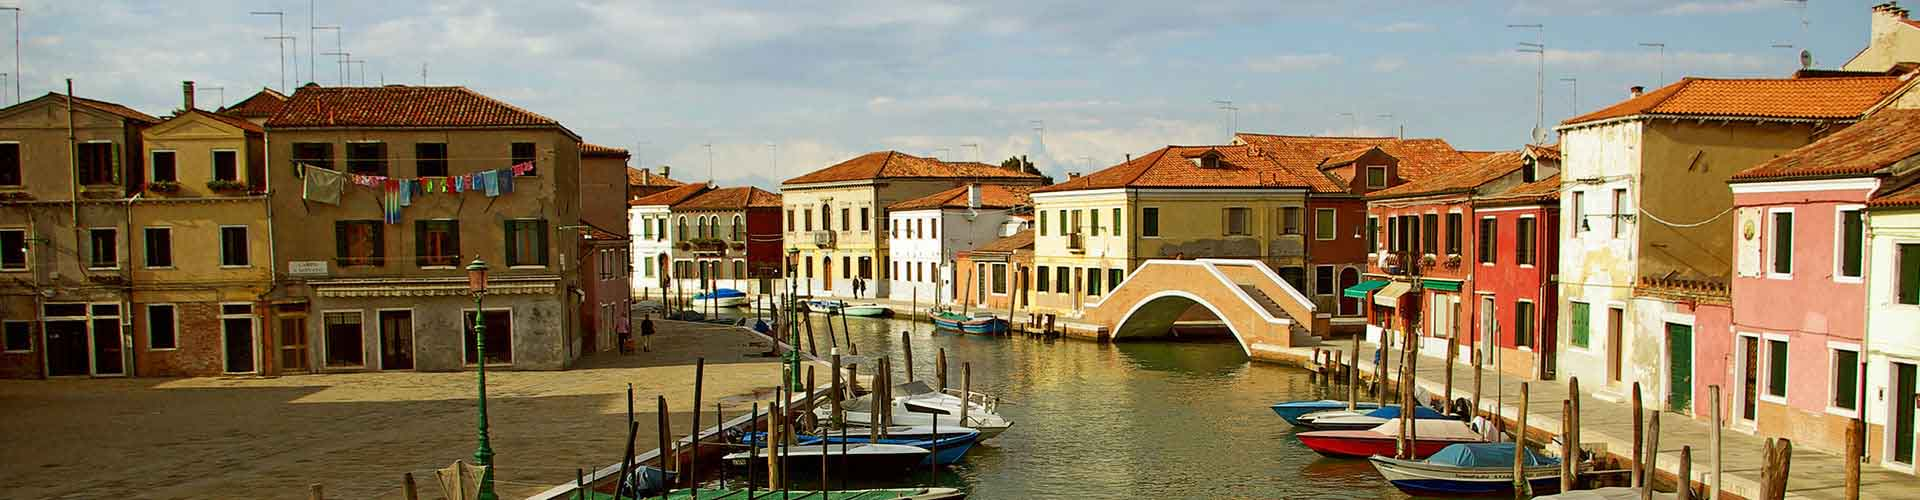 威尼斯梅斯特 – 威尼斯马可波罗机场附近的公寓。威尼斯梅斯特地图,威尼斯梅斯特每间公寓的照片和评价。